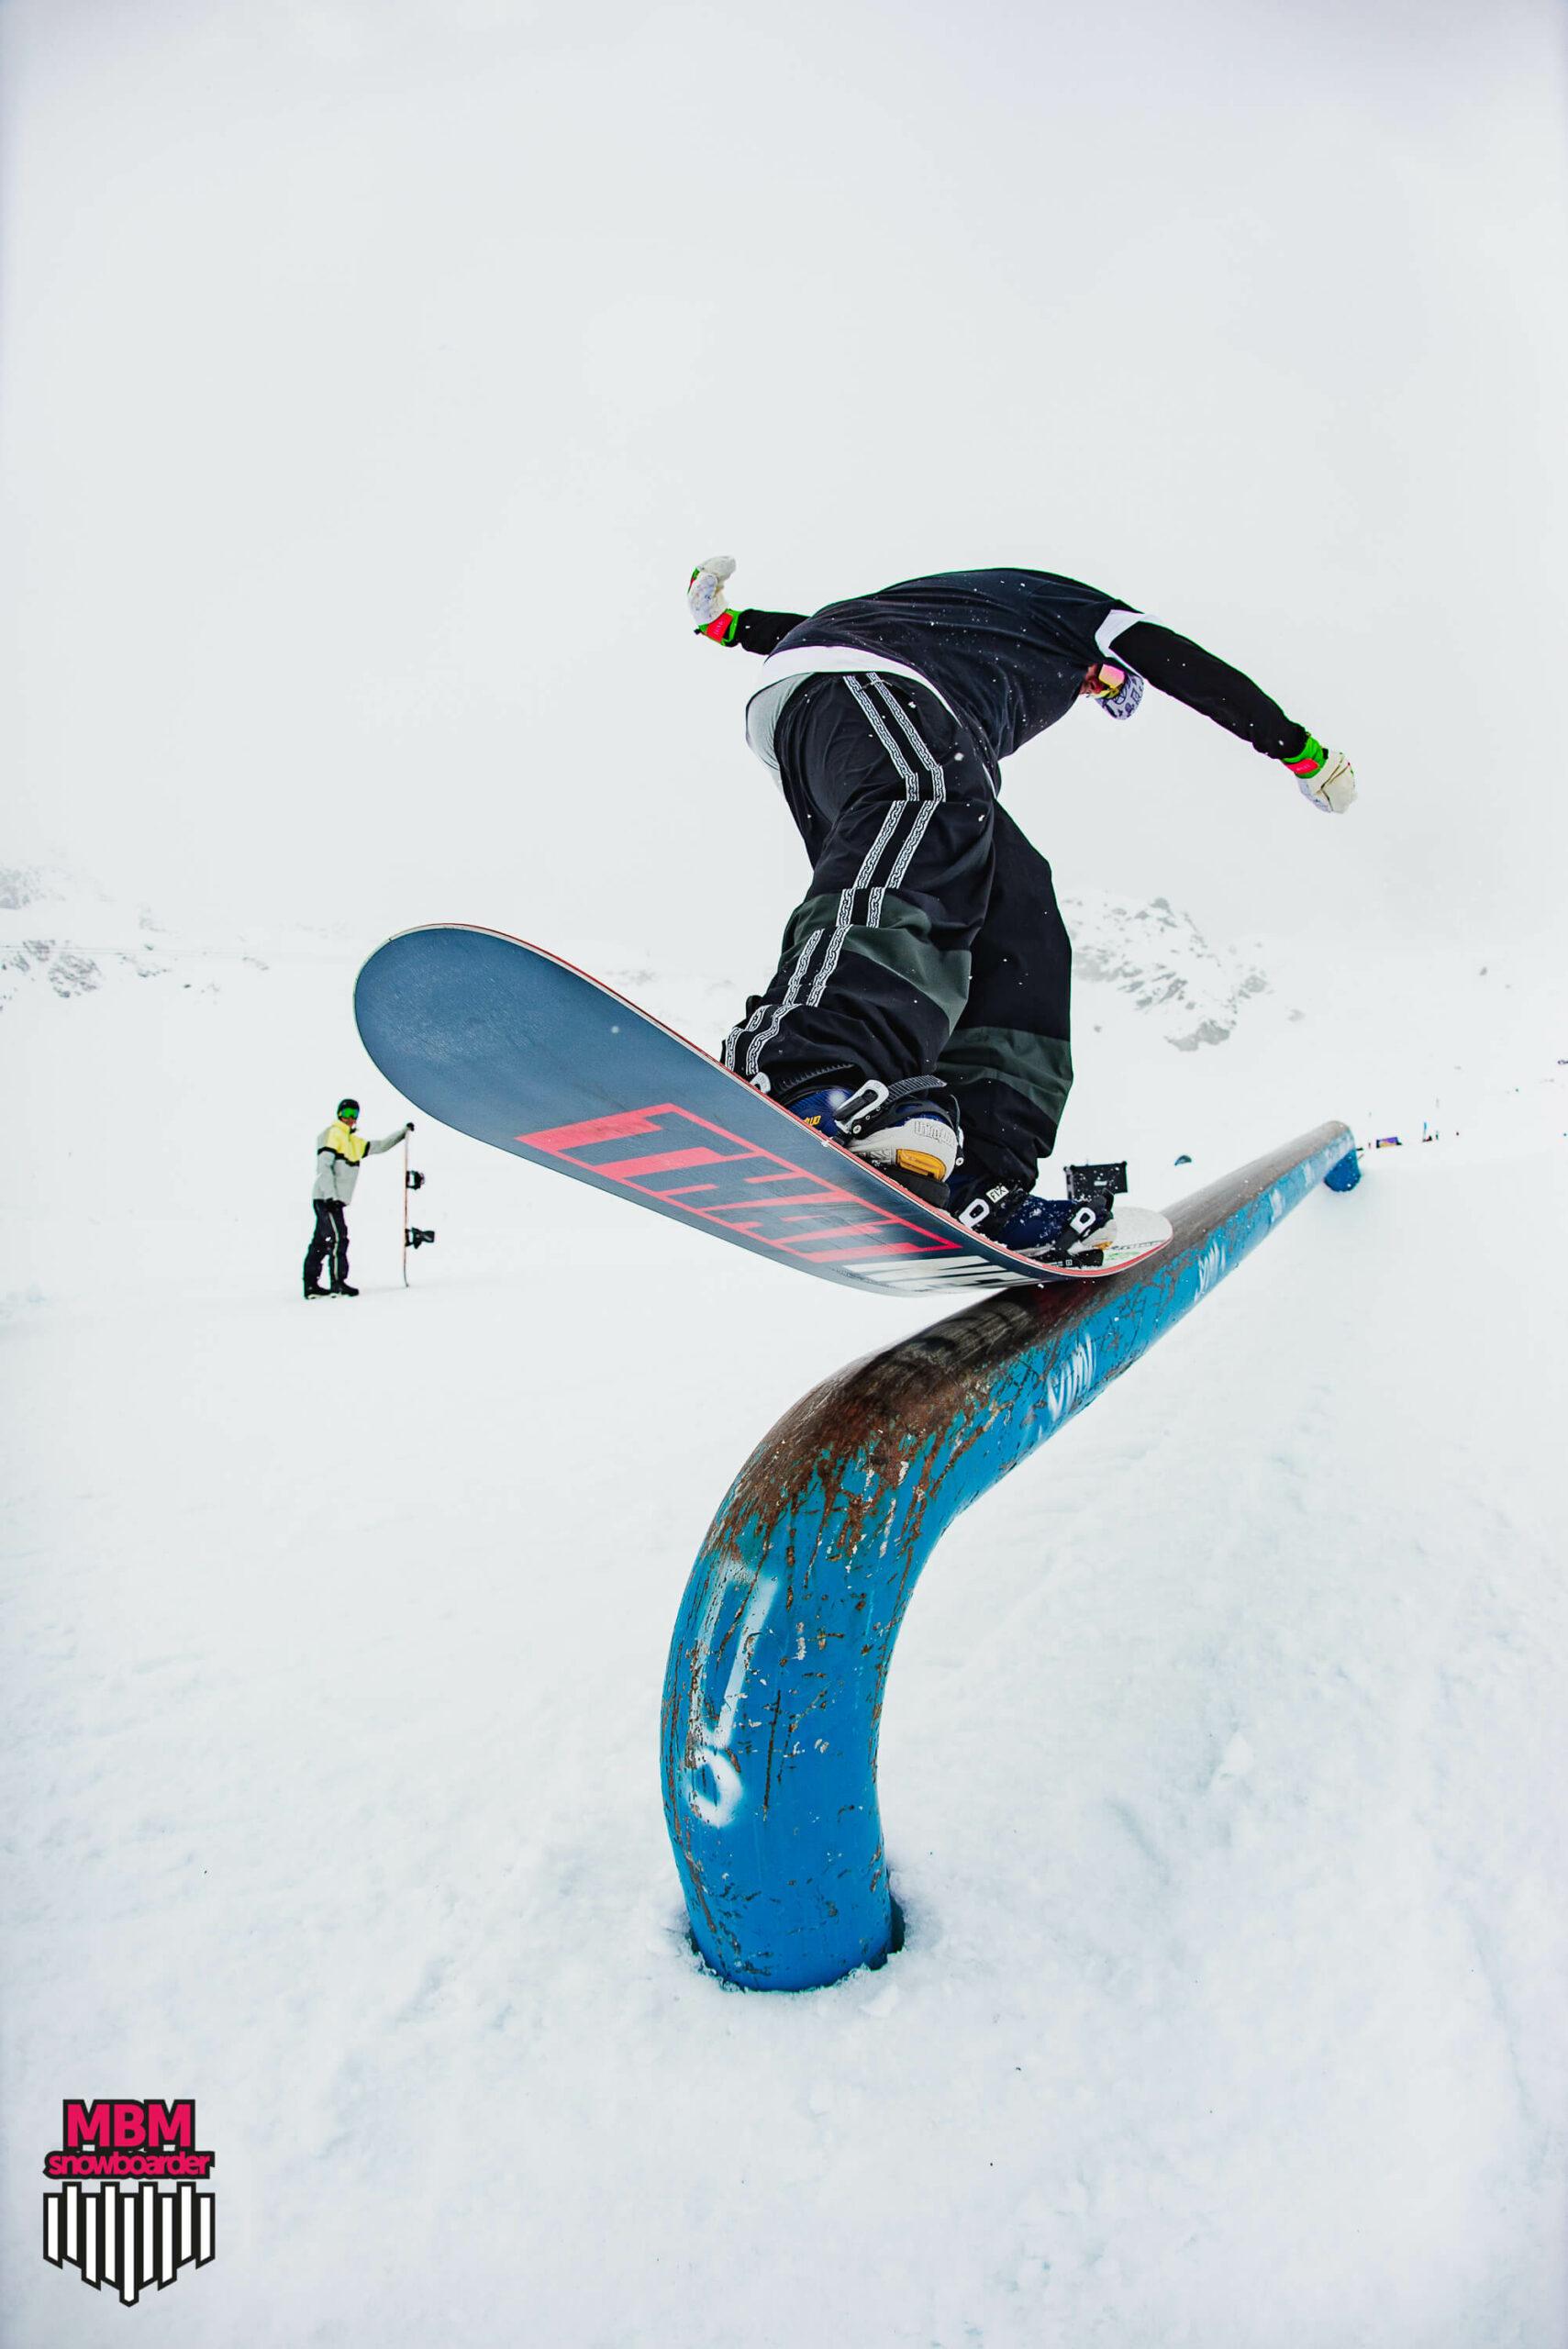 snowboarderMBM_sd_kaunertal_094